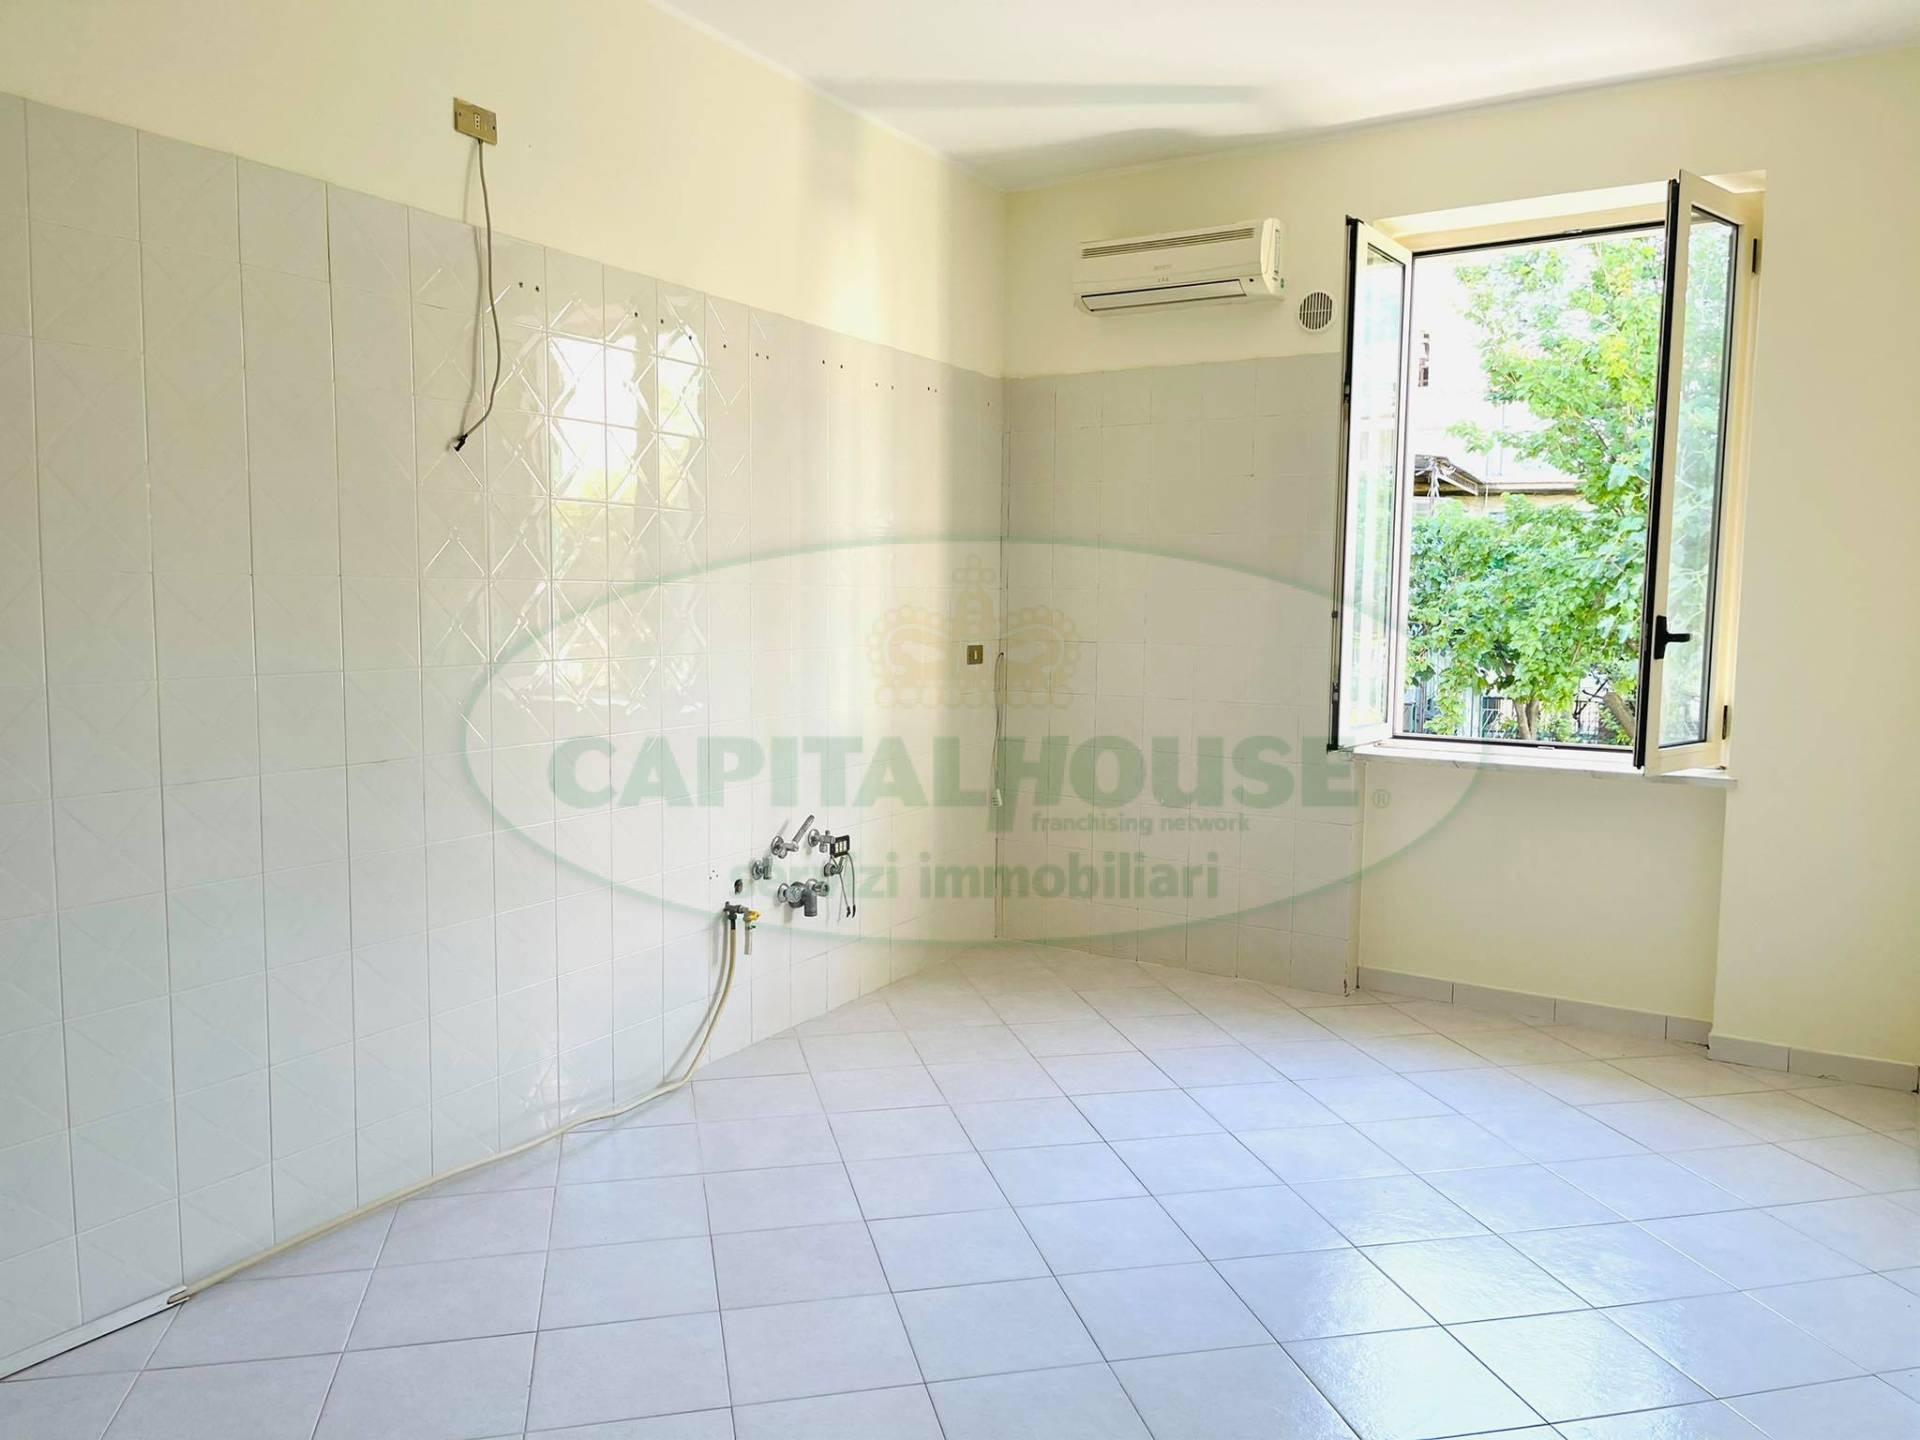 Appartamento in affitto a Avella, 3 locali, prezzo € 430 | CambioCasa.it